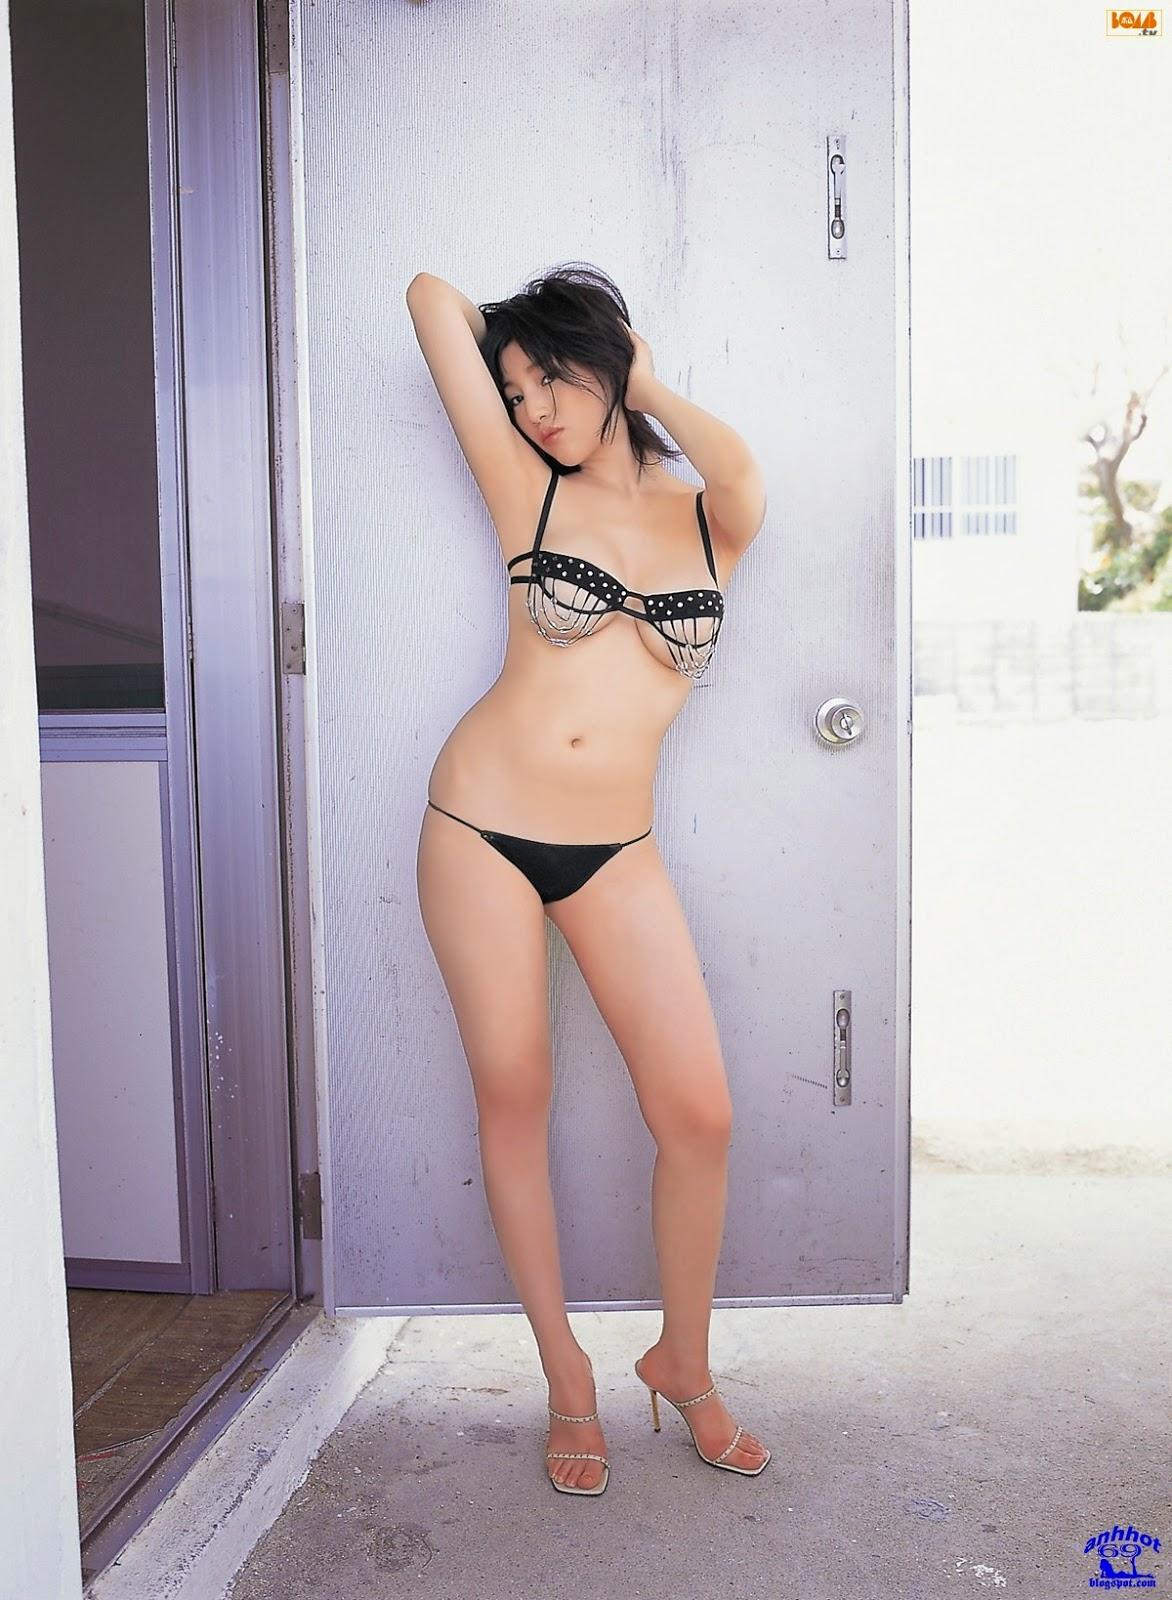 yuuri-morishita-02113496